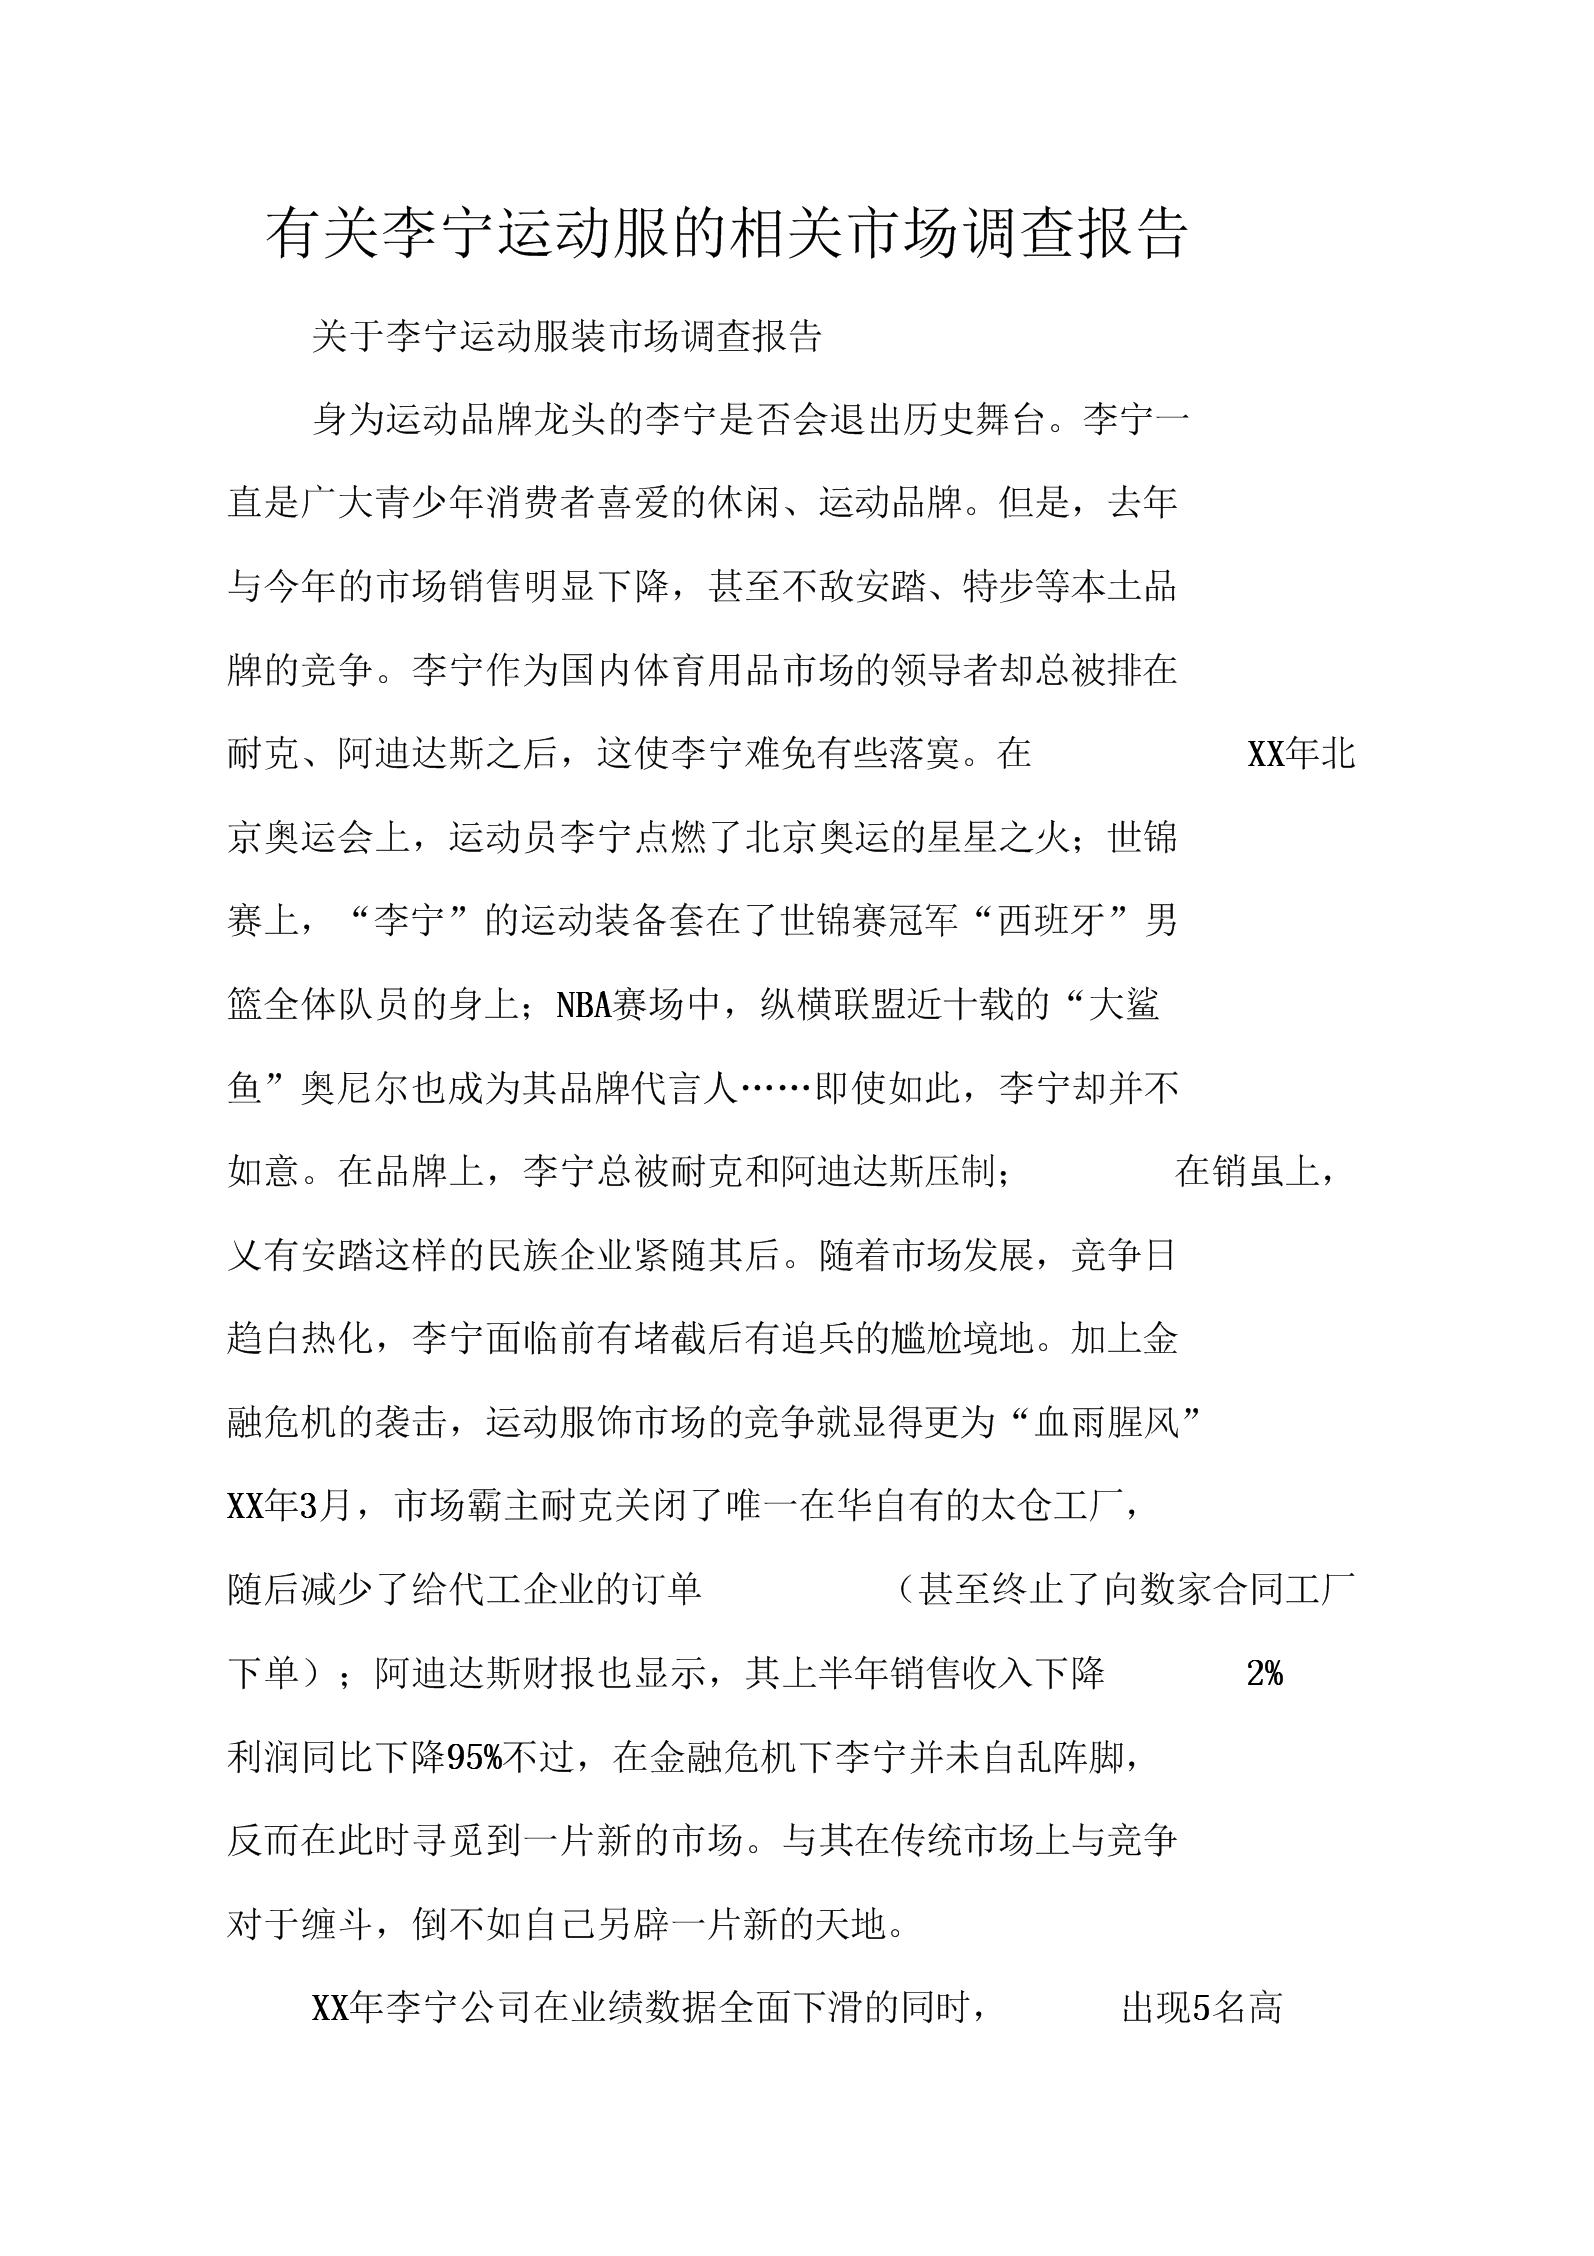 有关李宁运动服的相关市场调查报告.docx